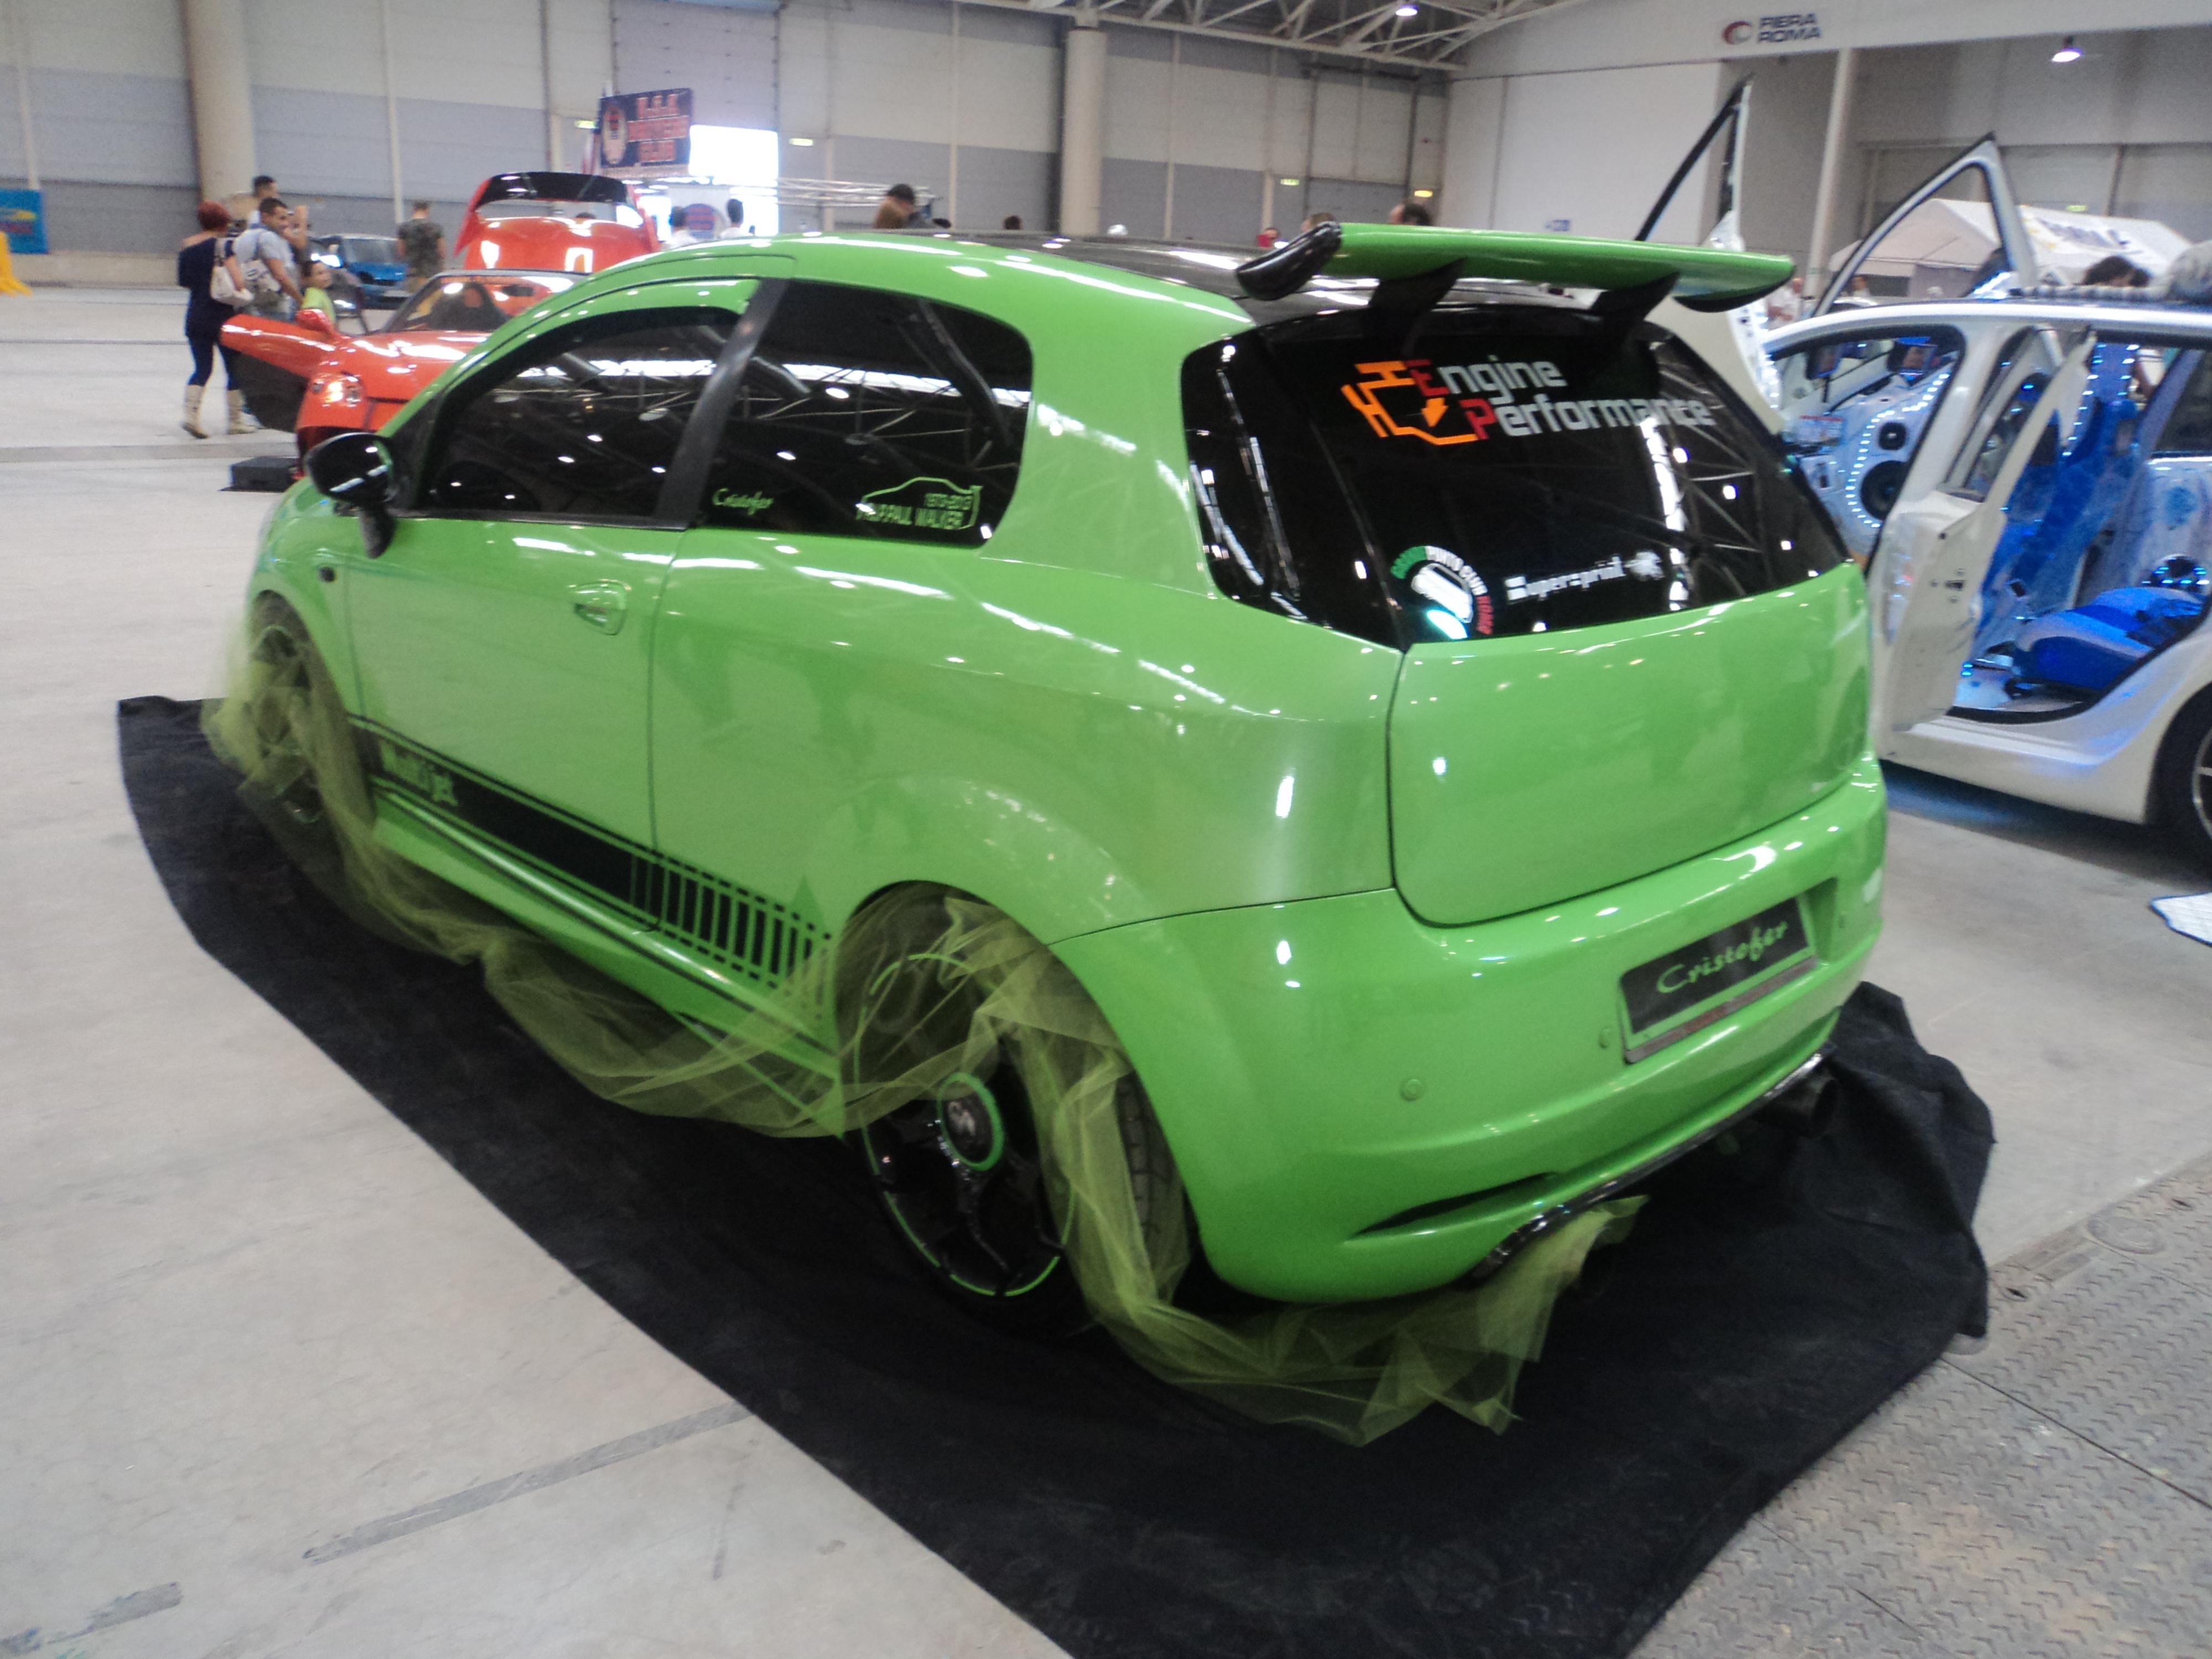 File:Supercar - Roma Auto Show 81.JPG - Wikimedia Commons on fiat barchetta, fiat stilo, fiat coupe, fiat x1/9, fiat linea, fiat cinquecento, fiat 500 turbo, fiat cars, fiat marea, fiat ritmo, fiat bravo, fiat seicento, fiat spider, fiat doblo, fiat 500l, fiat 500 abarth, fiat multipla, fiat panda,